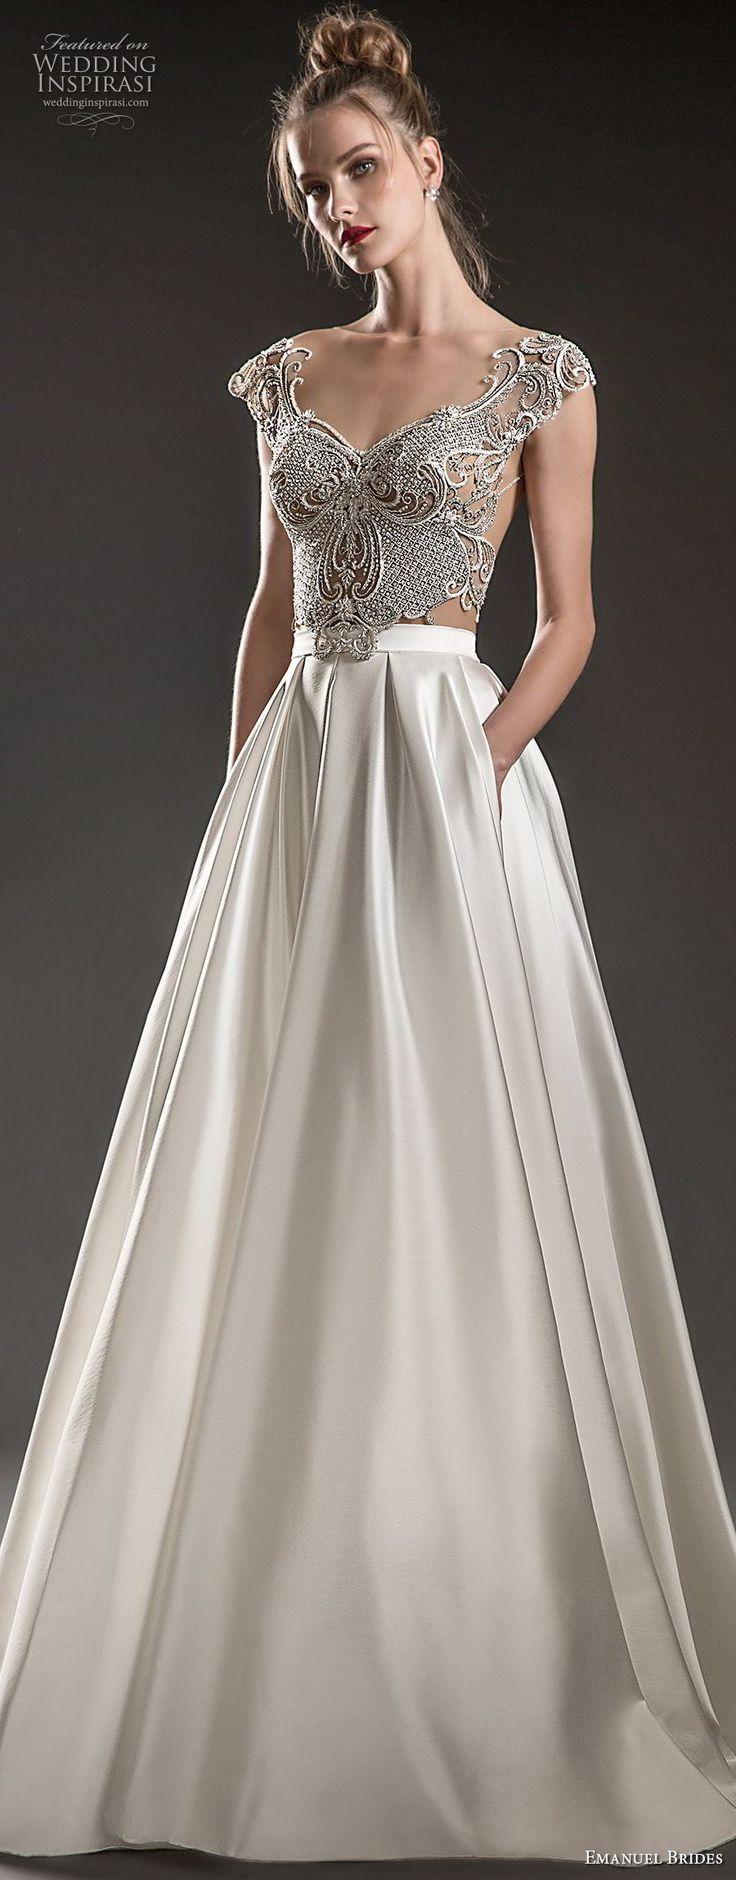 Romantische Hochzeitskleid-Idee – tiefes Hochzeitskleid mit V